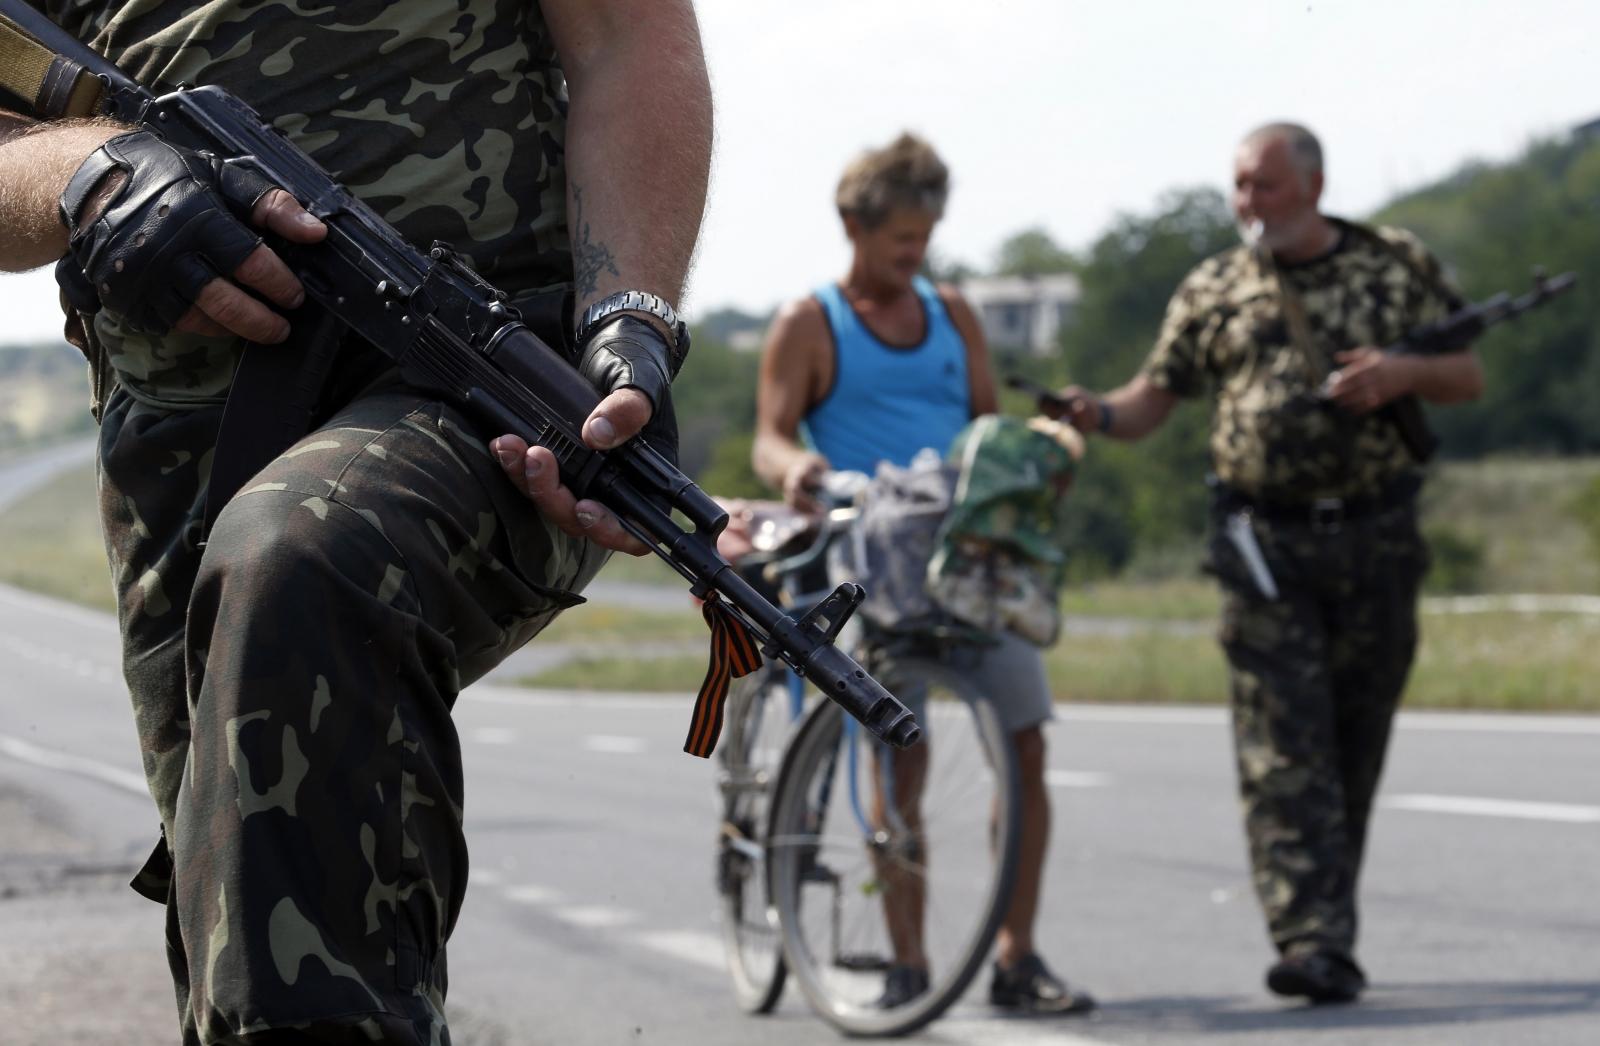 pro-Russian separatists Ukraine